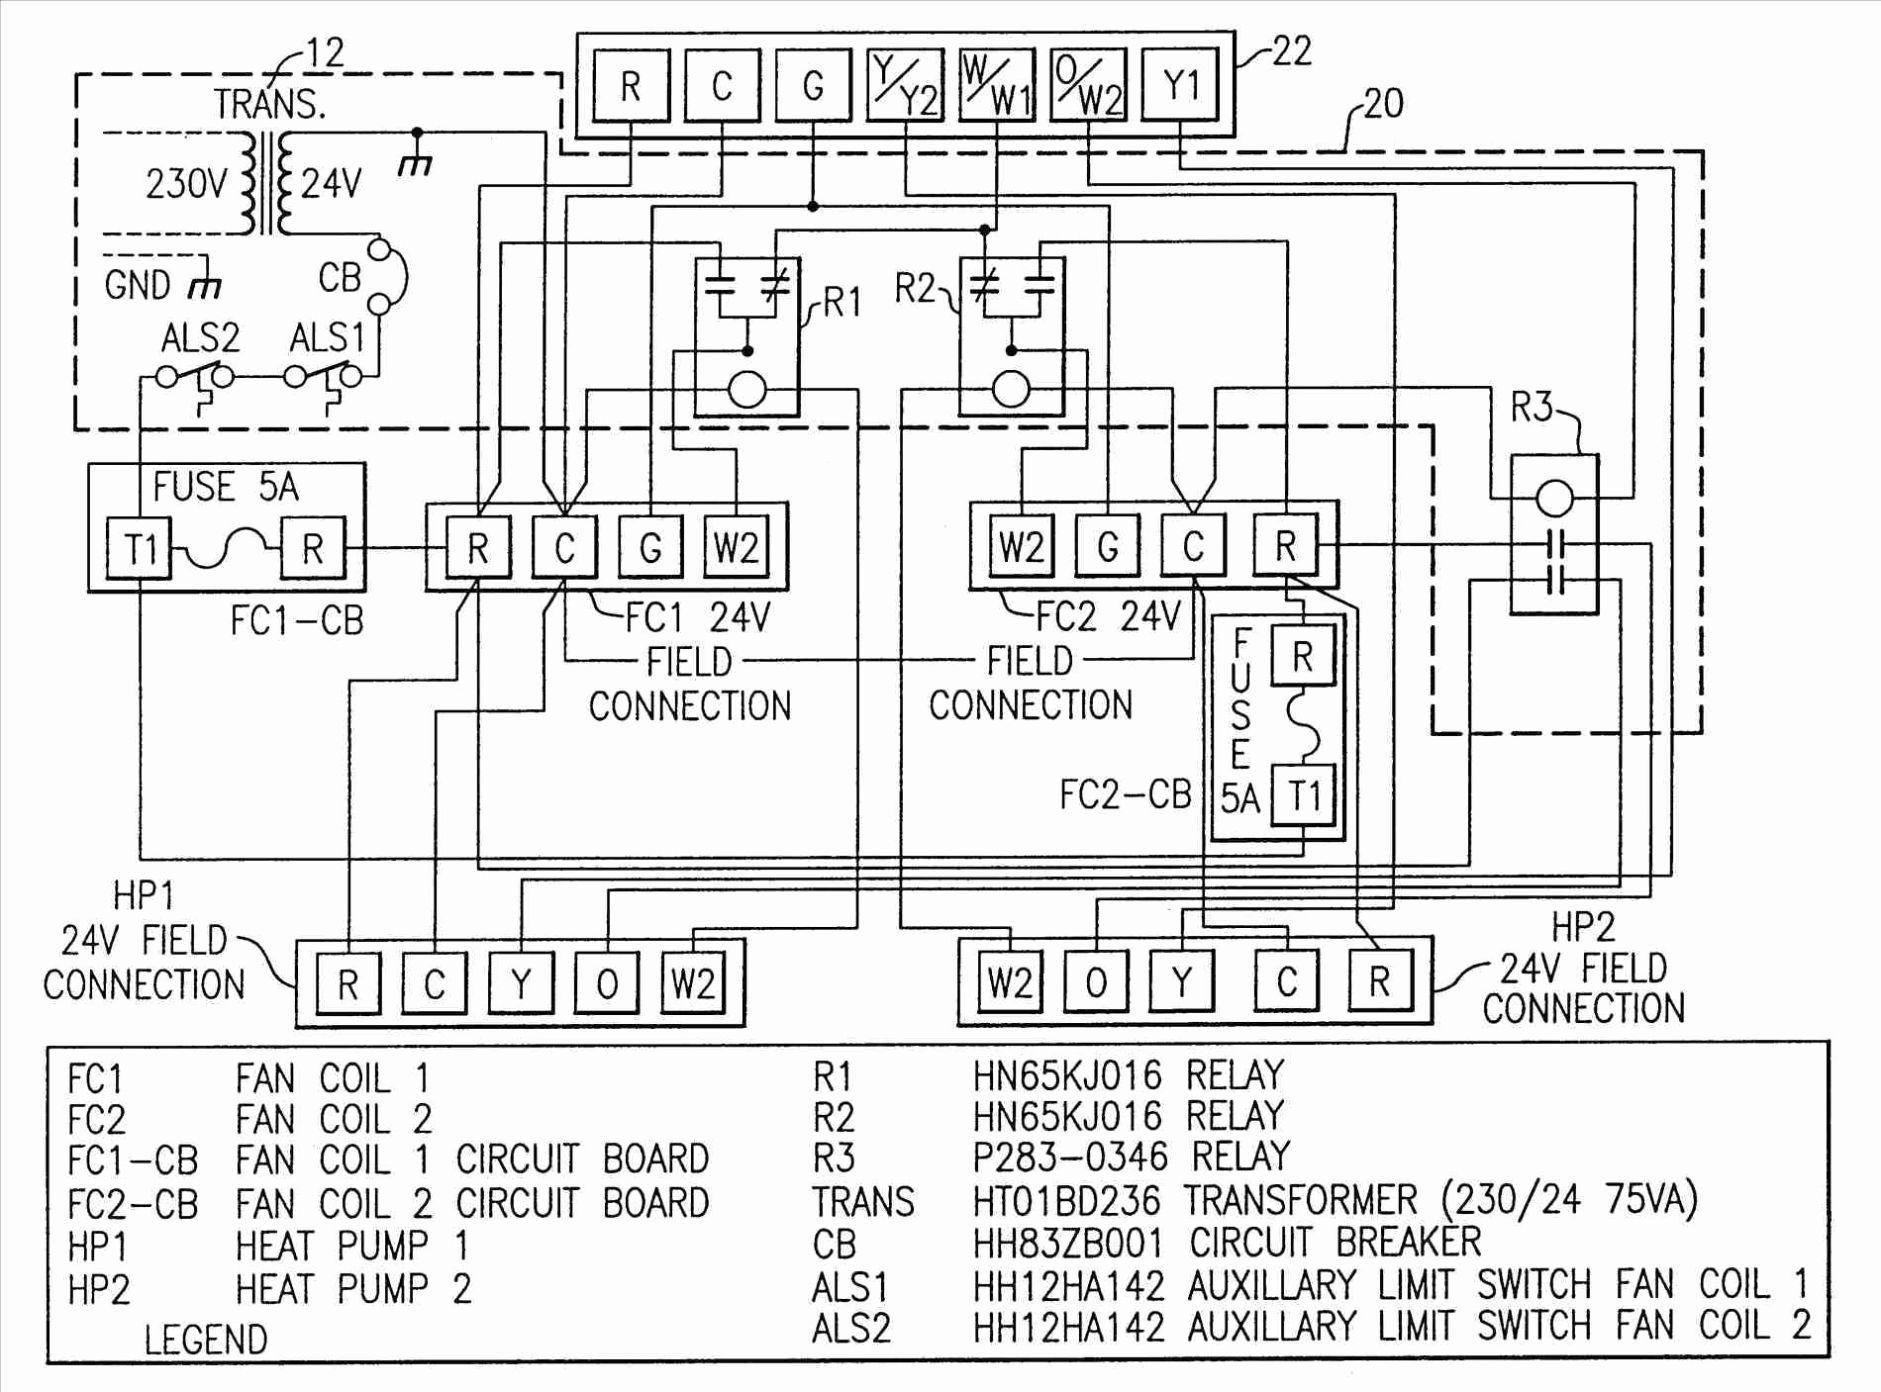 Pioneer Deh 2300 Wiring Diagram Luxury Pioneer Avh 280Bt Wiring - Pioneer Avh 280Bt Wiring Diagram